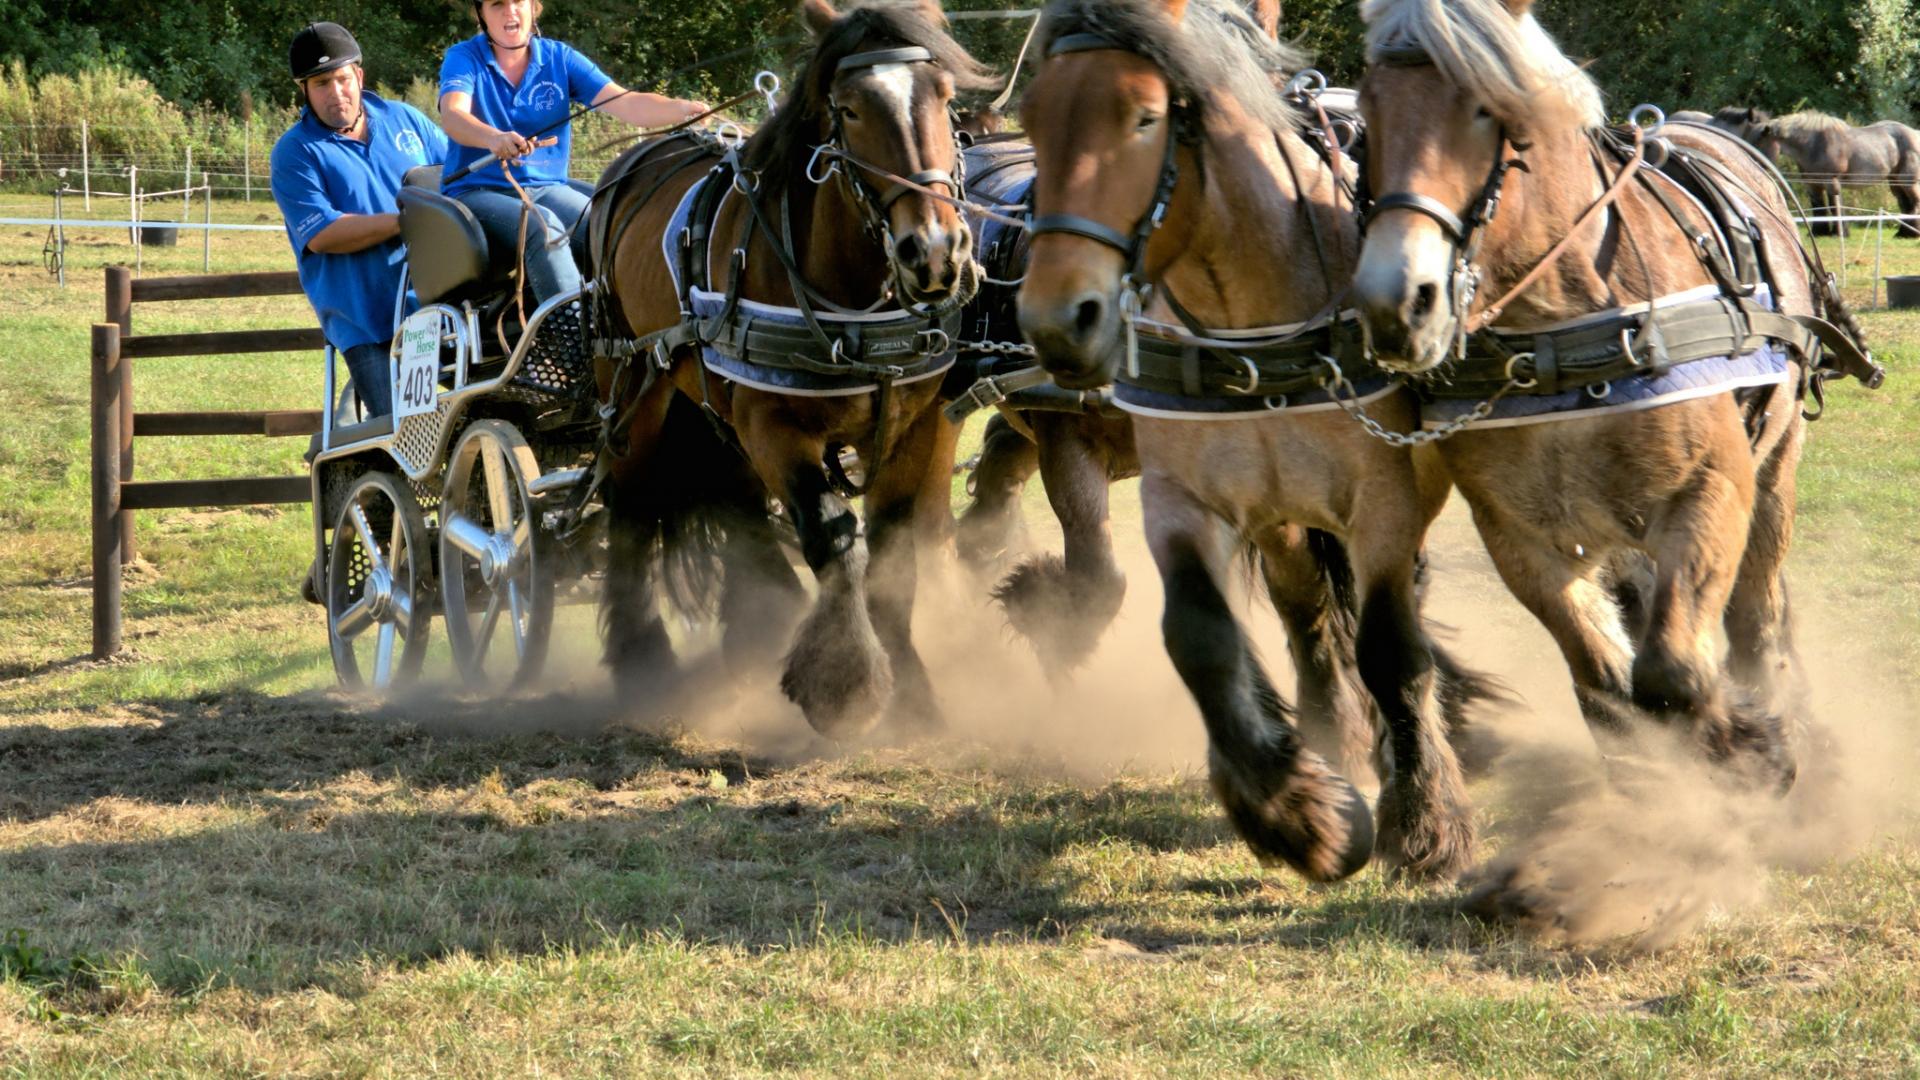 Caballos corriendo en carreras - 1920x1080